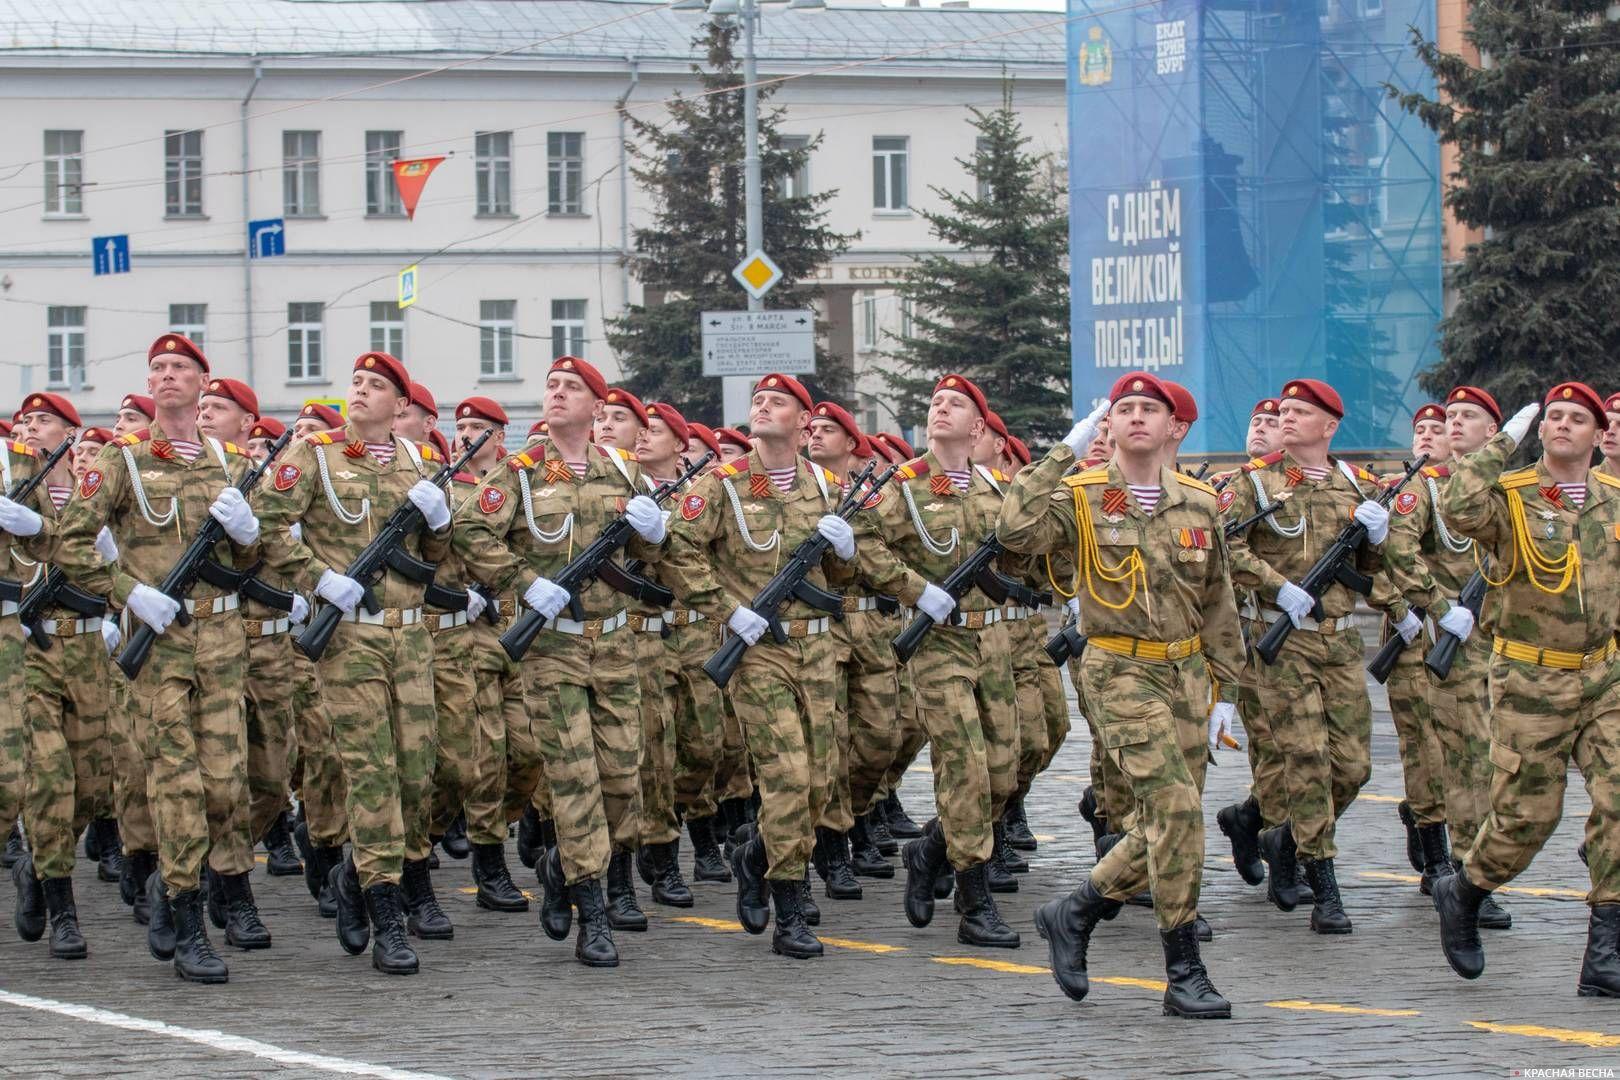 Екатеринбург. Парад в честь 9 мая. Войска ЦВО.